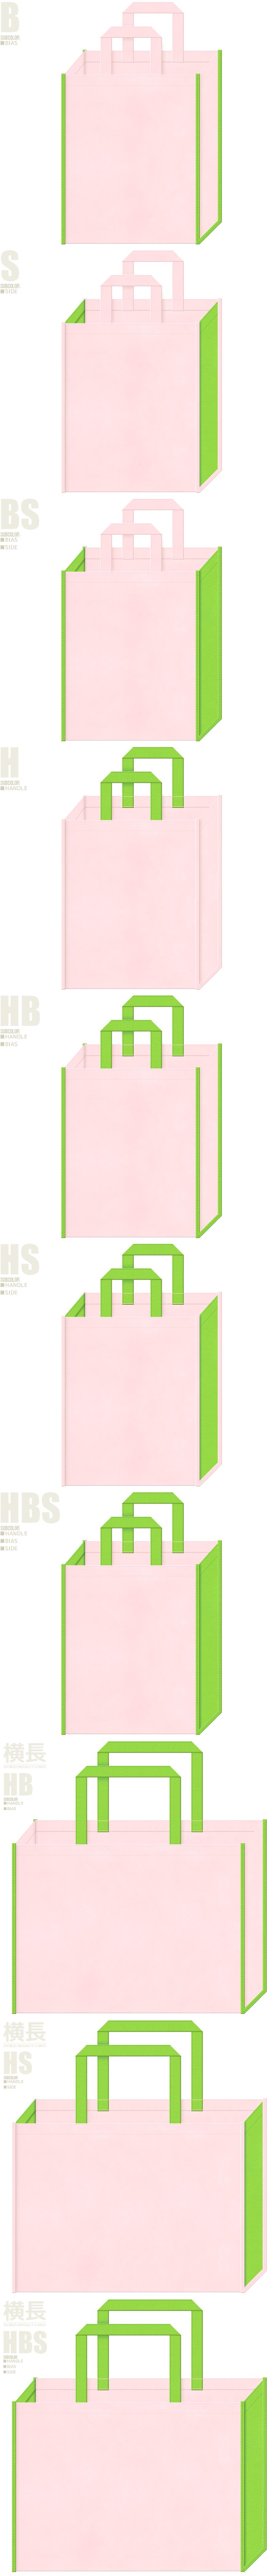 桜色と黄緑色、7パターンの不織布トートバッグ配色デザイン例。